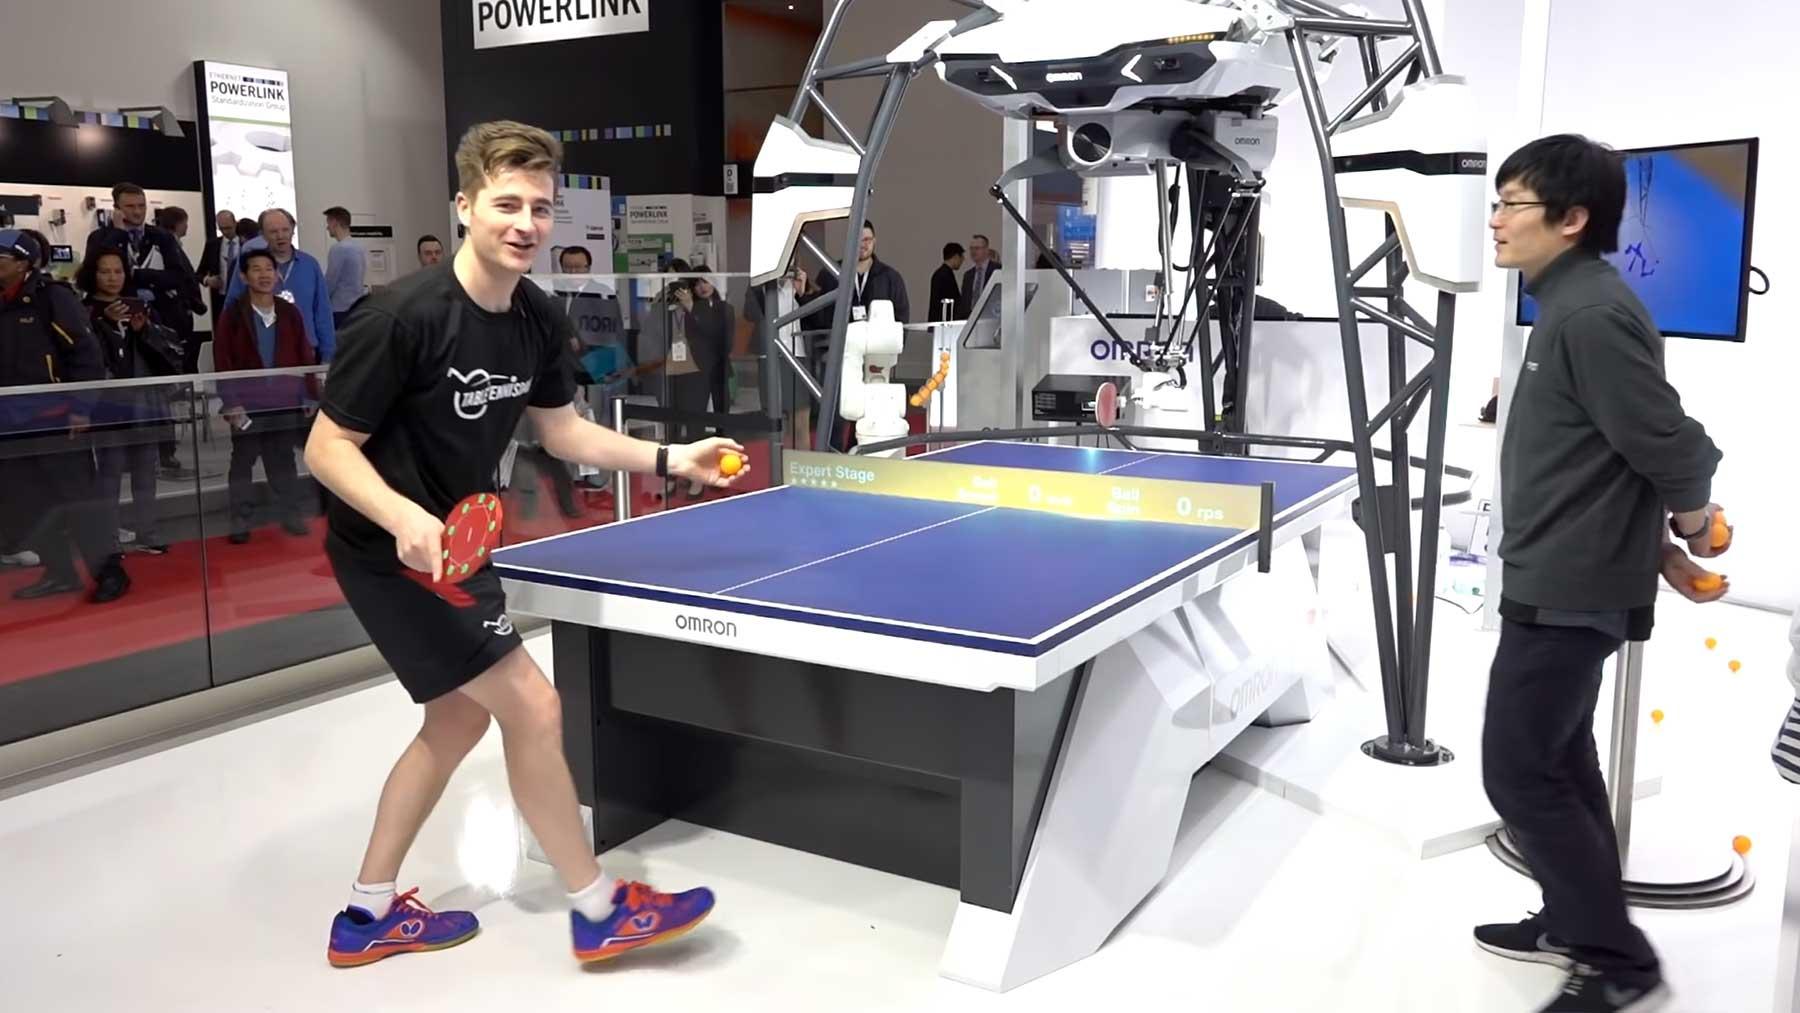 Gegen den besten Tischtennis-Roboter der Welt antreten